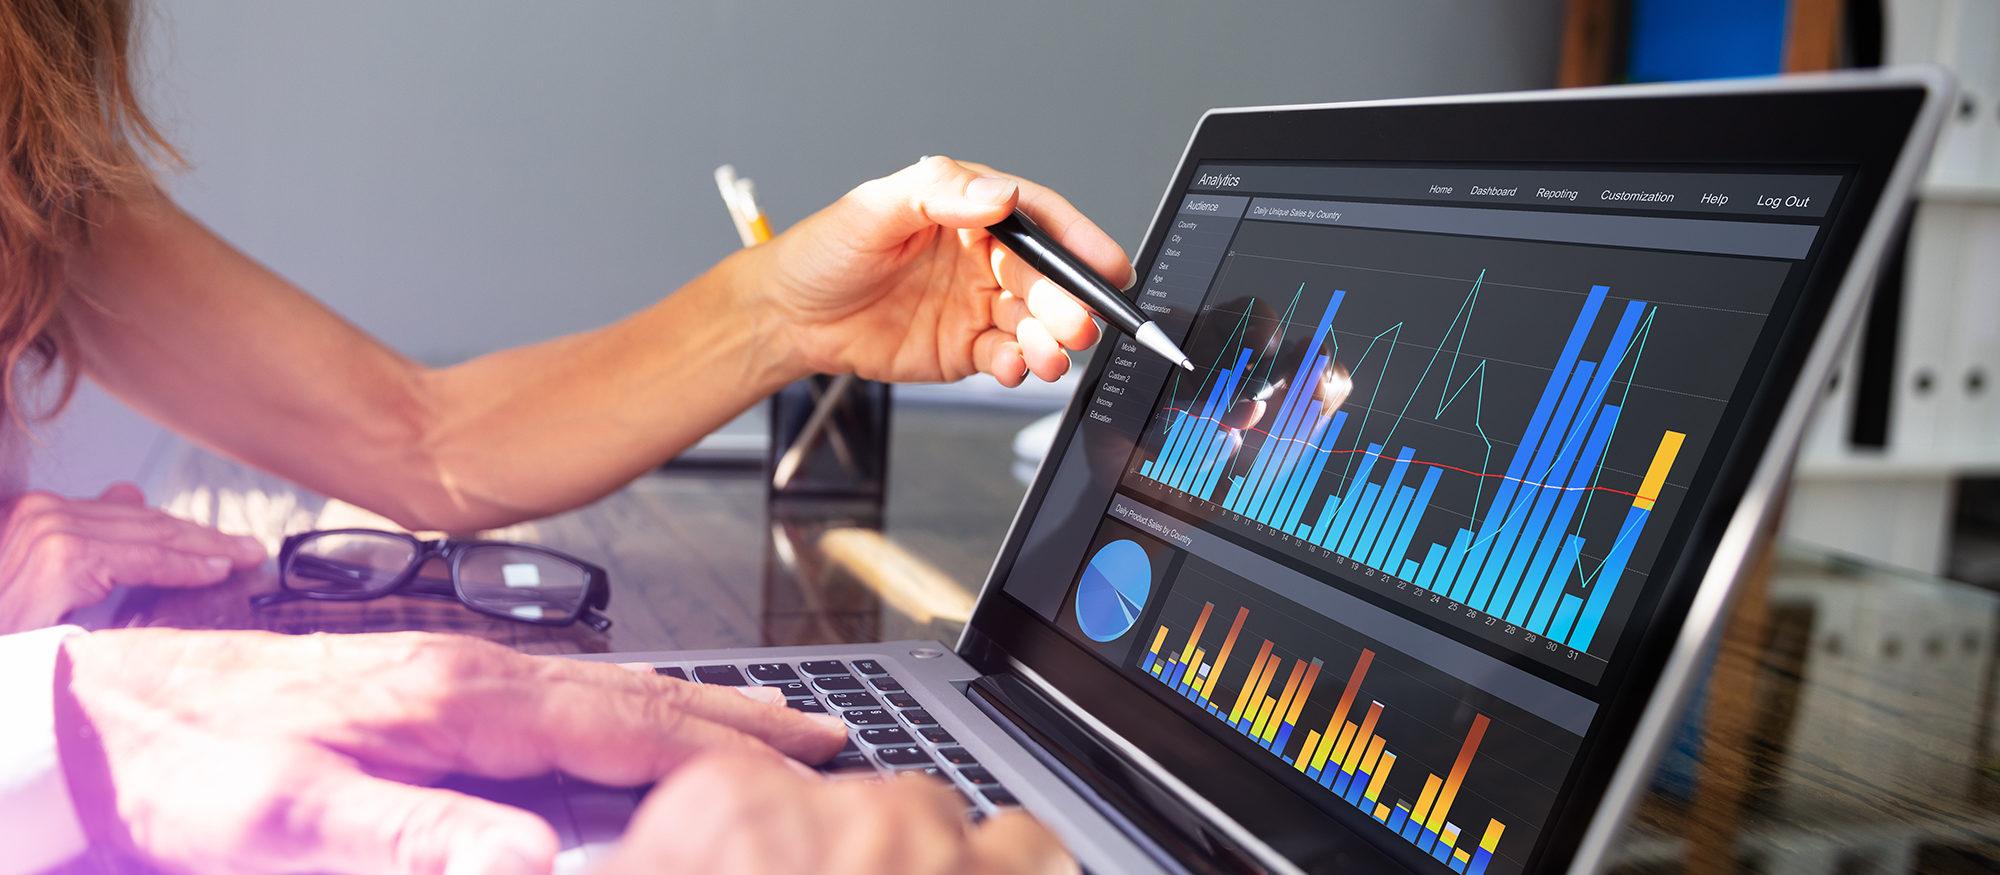 Adobe Target anuncia medición analítica mejorada para pruebas y personalización basadas en inteligencia artificial